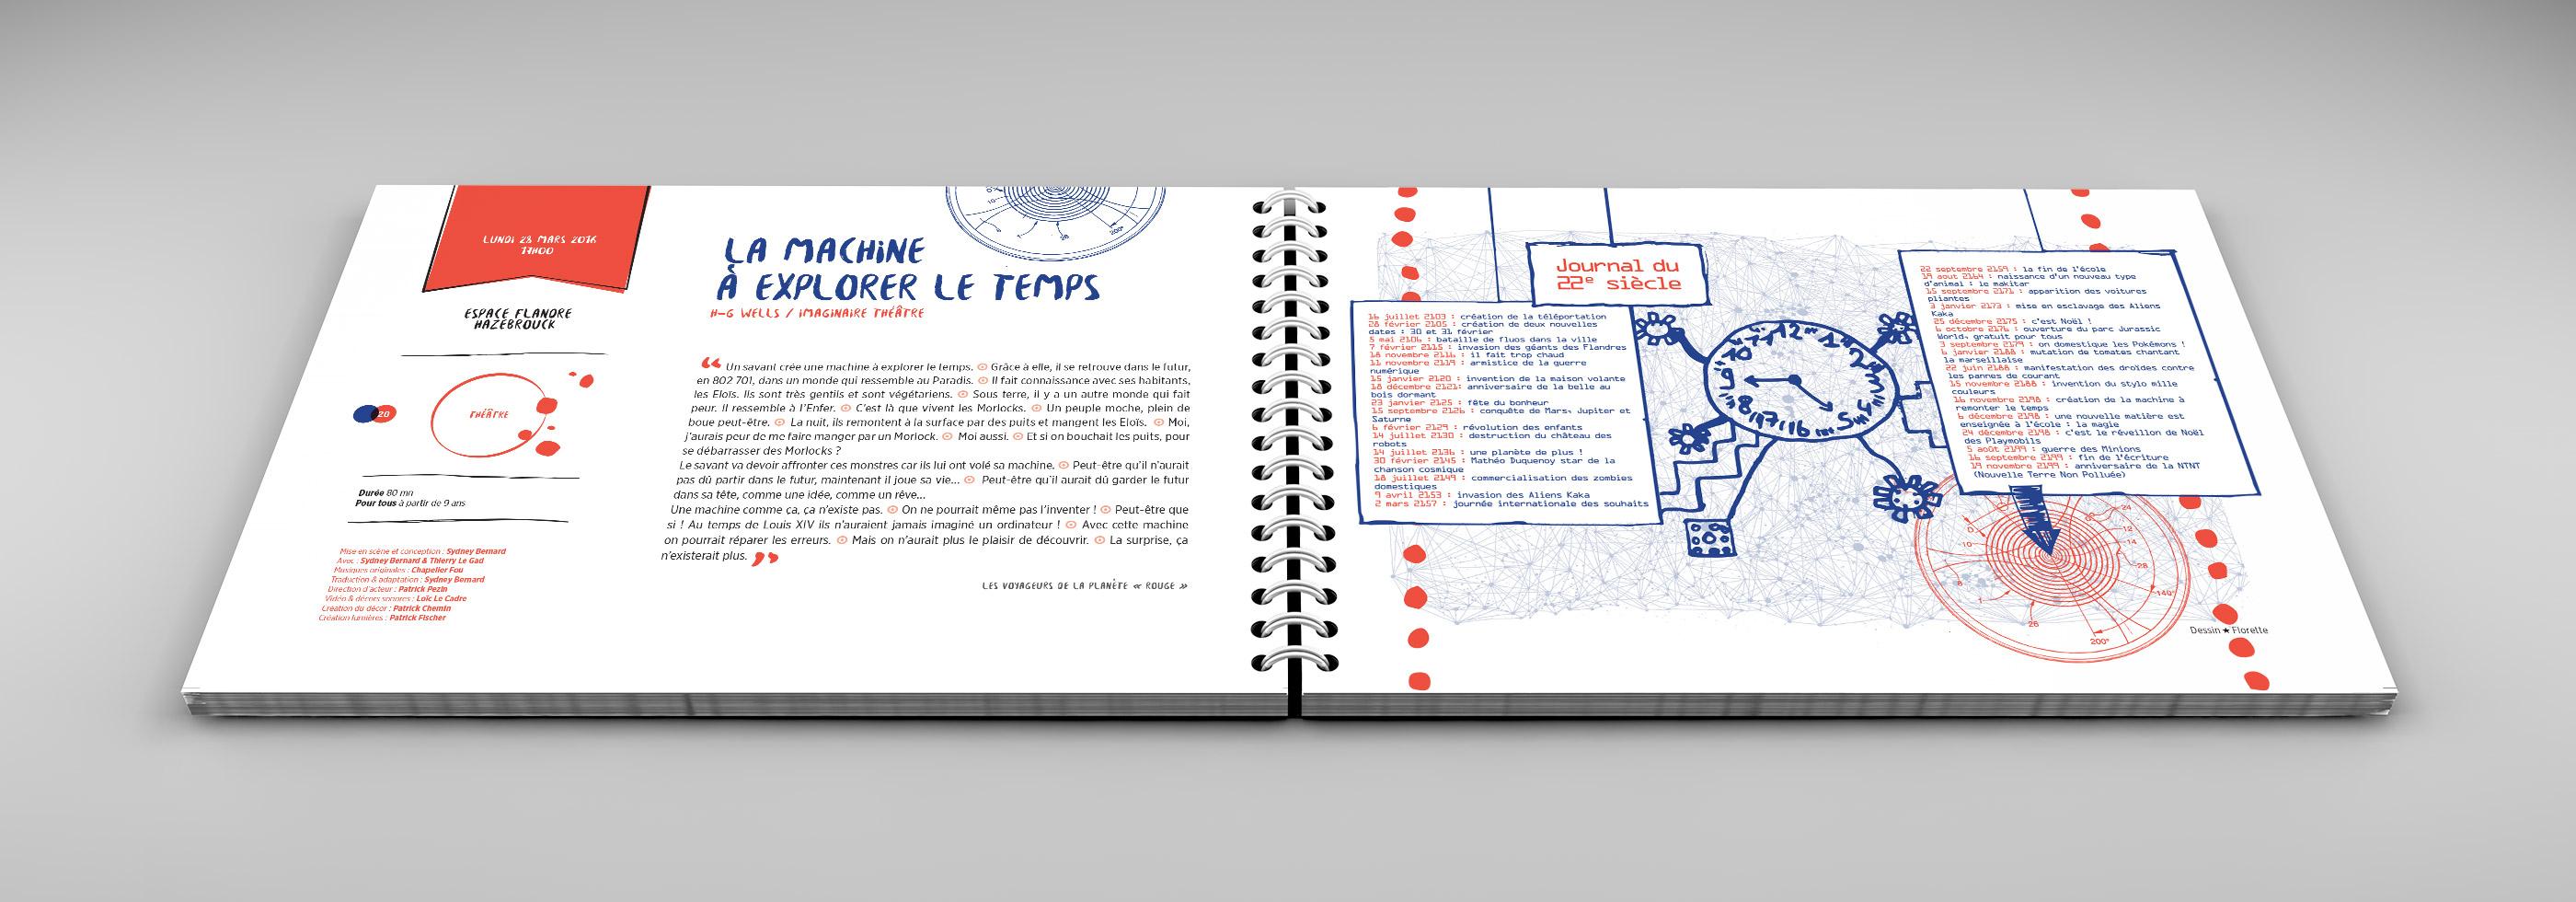 Design graphique du Festival Le P'tit Monde 2016 - Centre André Malraux Hazebrouck